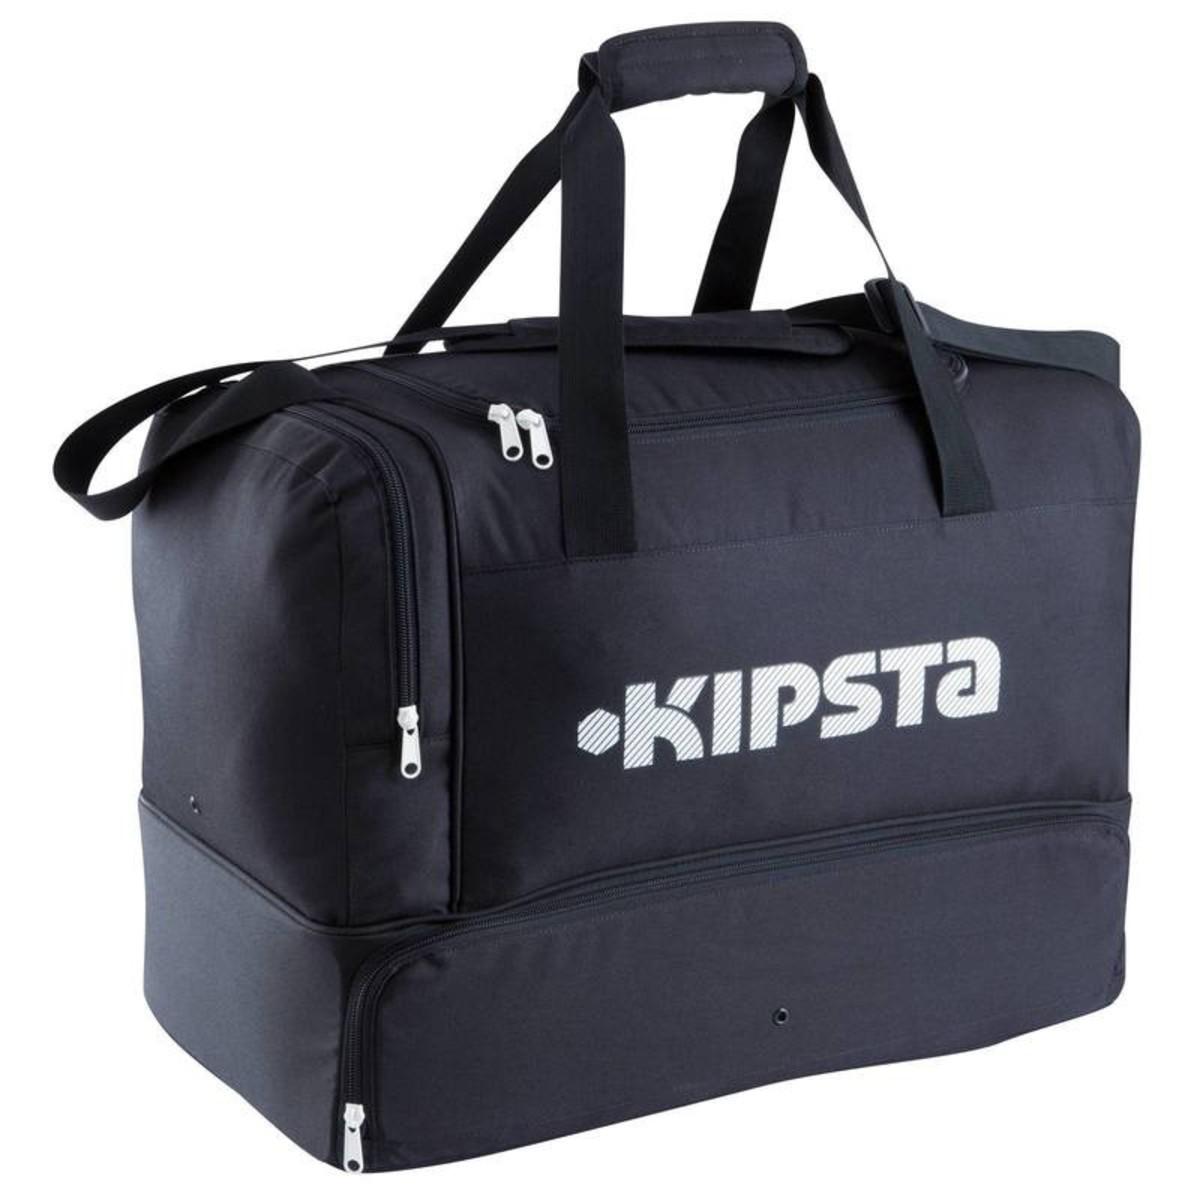 Bild 1 von KIPSTA Sporttasche Hardcase 60 Liter schwarz, Größe: Einheitsgröße